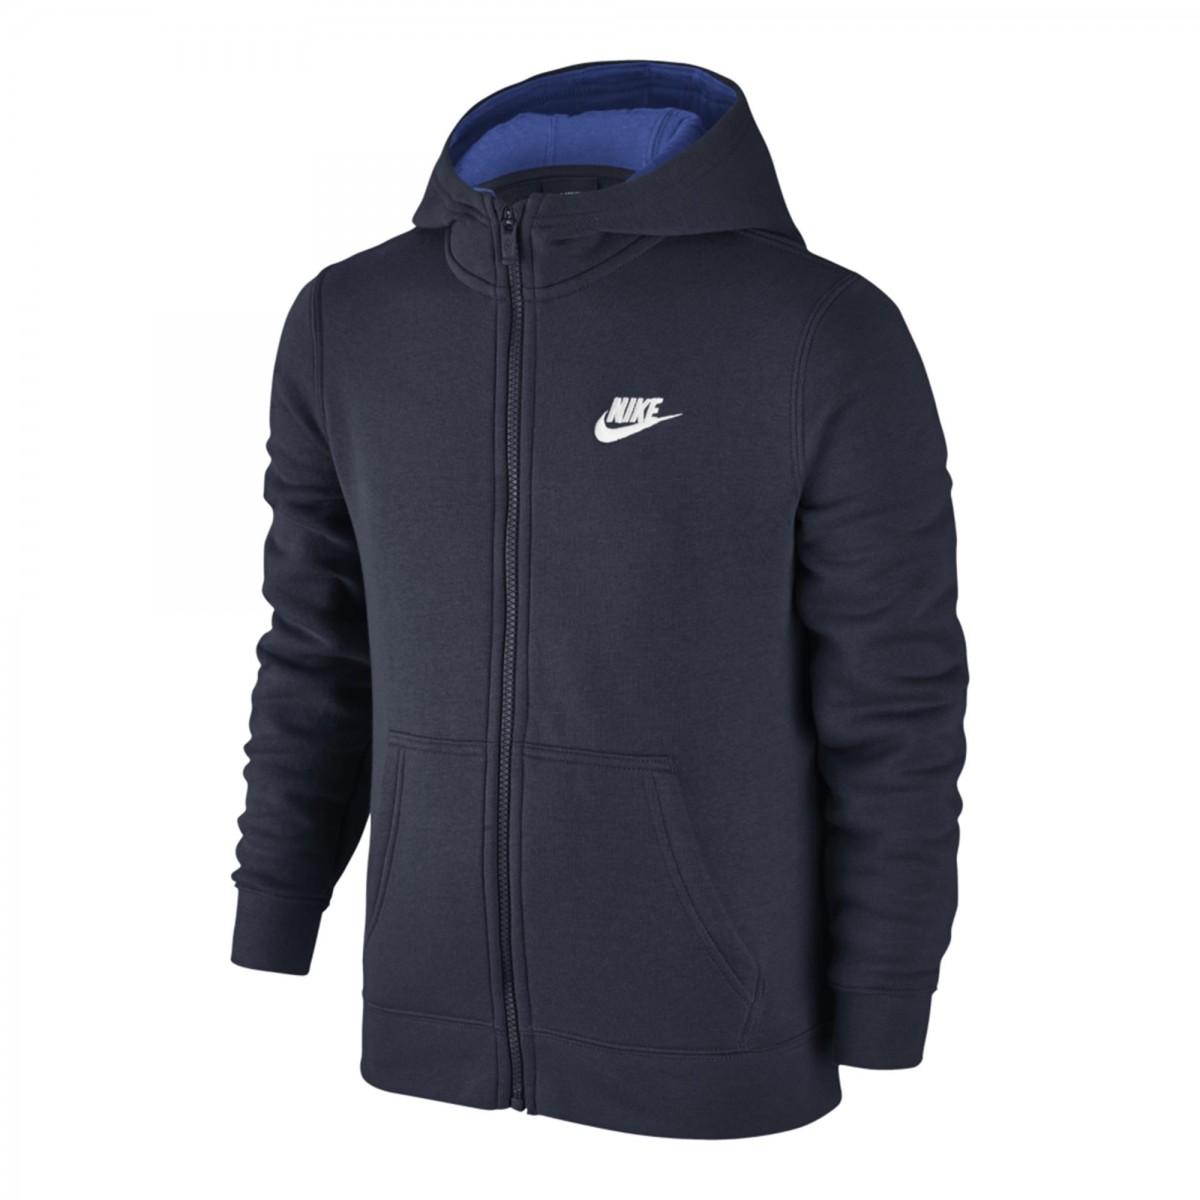 2dab2bc87c Bizz Store - Jaqueta Infantil Menino Nike NSW Hoodie FZ Moletom